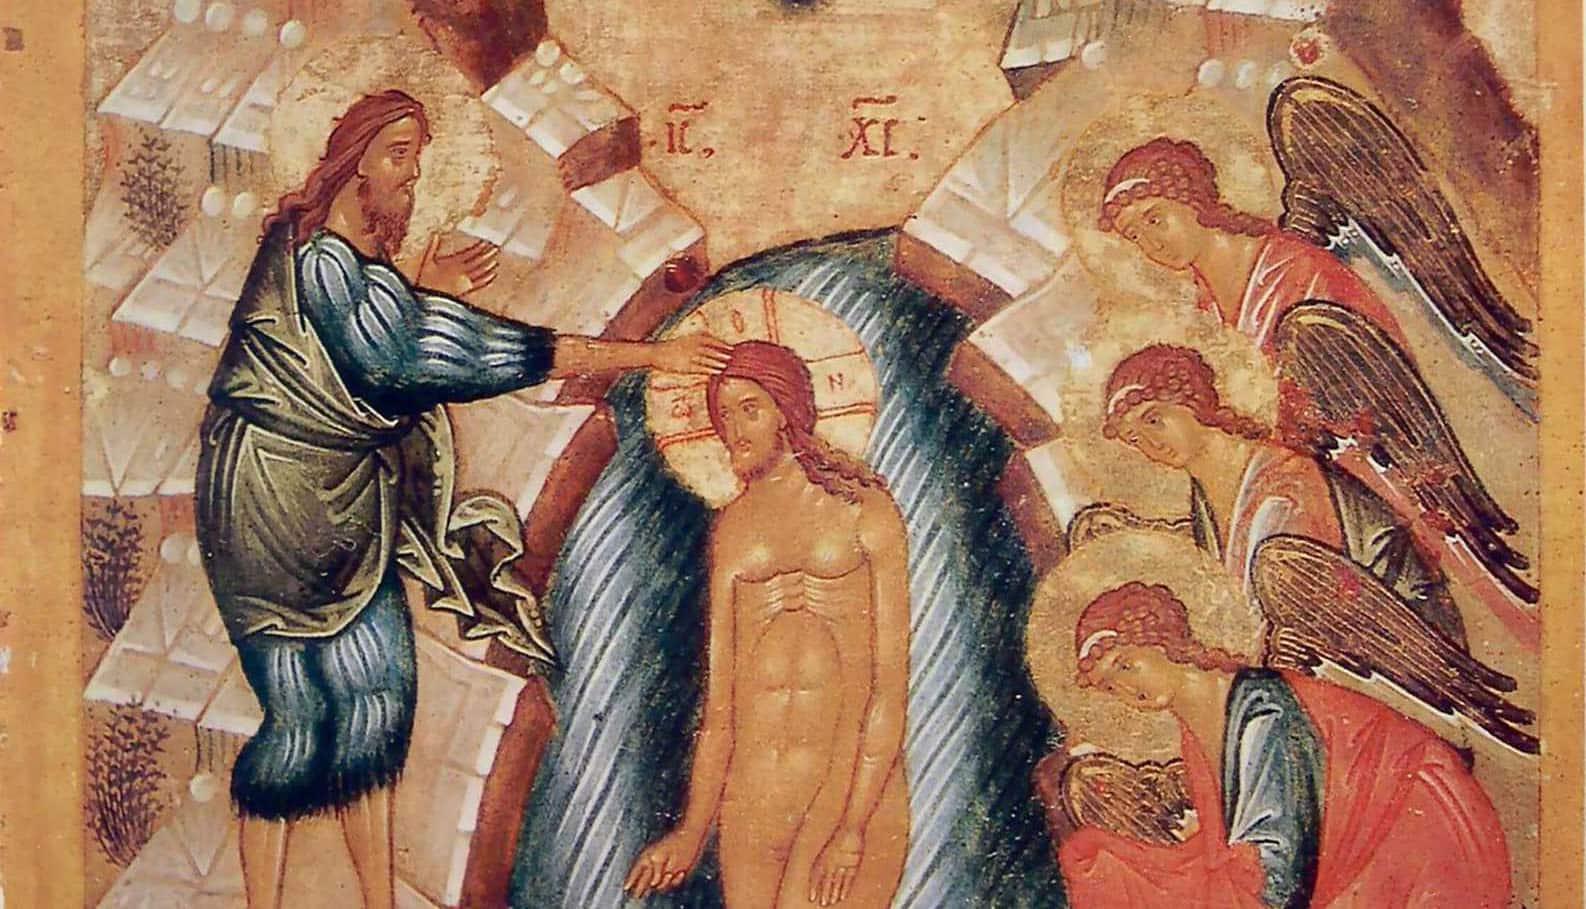 Какой церковный праздник сегодня 12 января 2020 чтят православные: Крещение Господне у западных христиан отмечают 12.01.2020